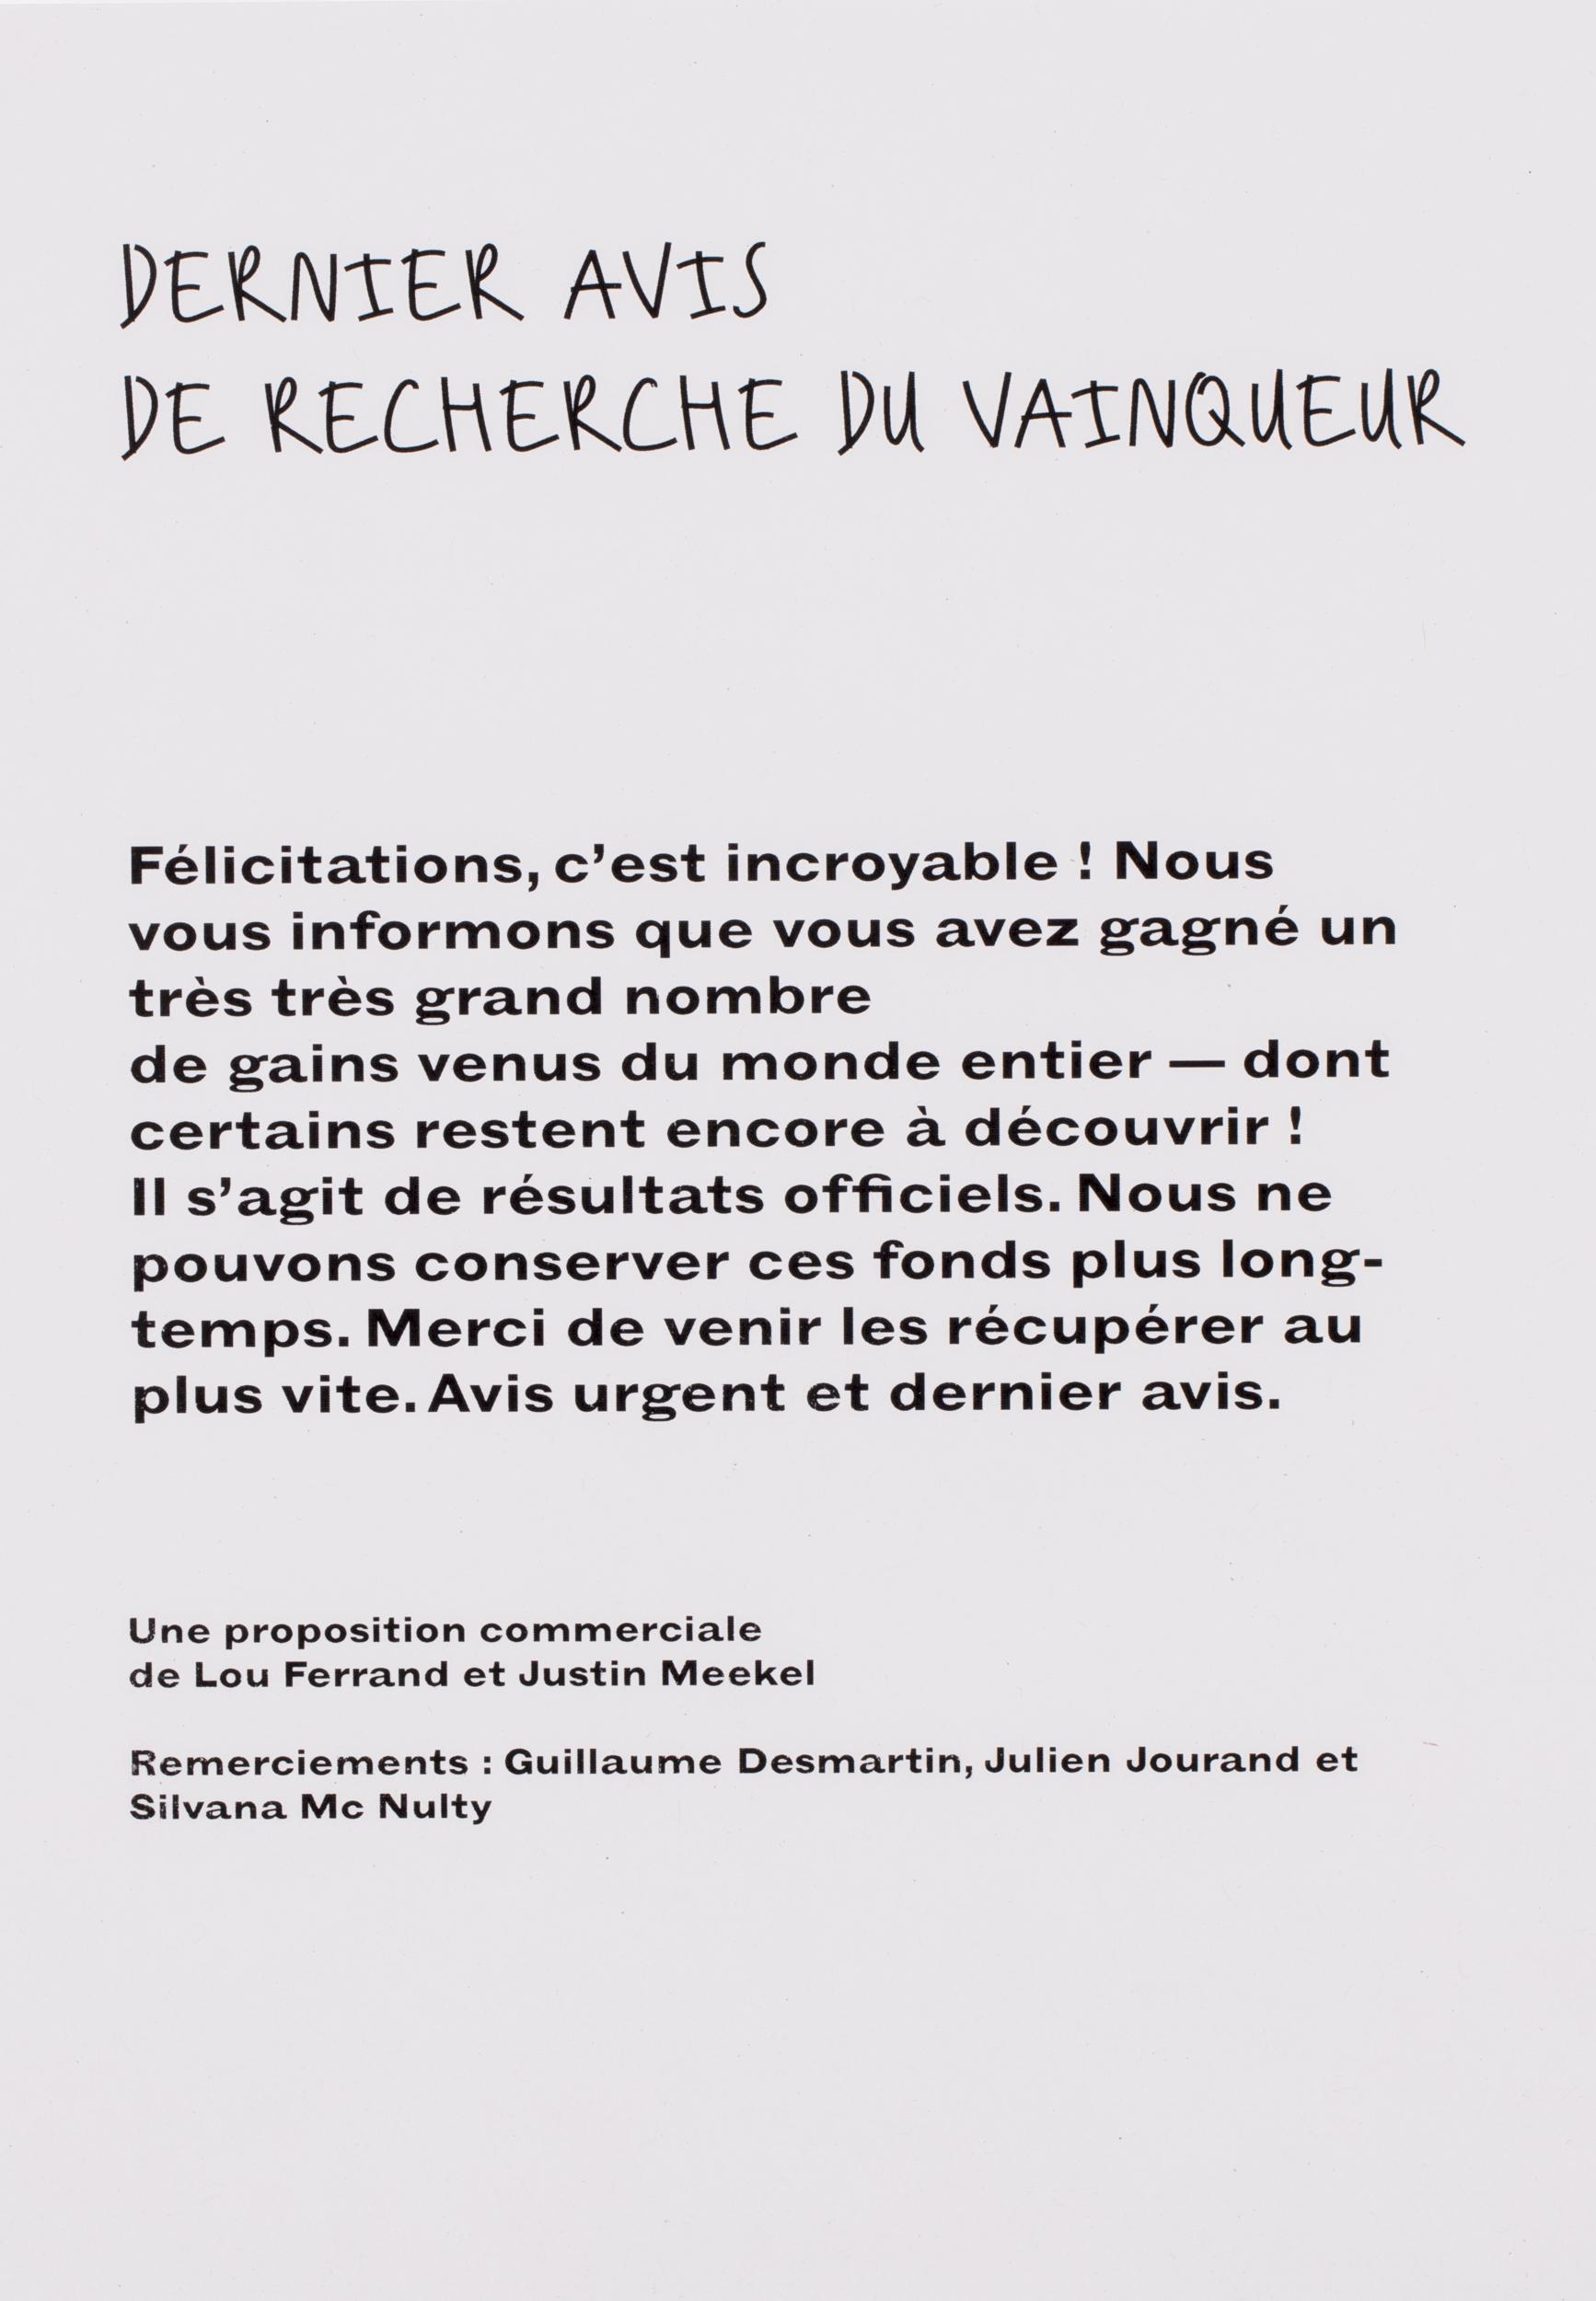 2019_09_10_Dernier_Avis_de_recherche_du_vainqueur-1